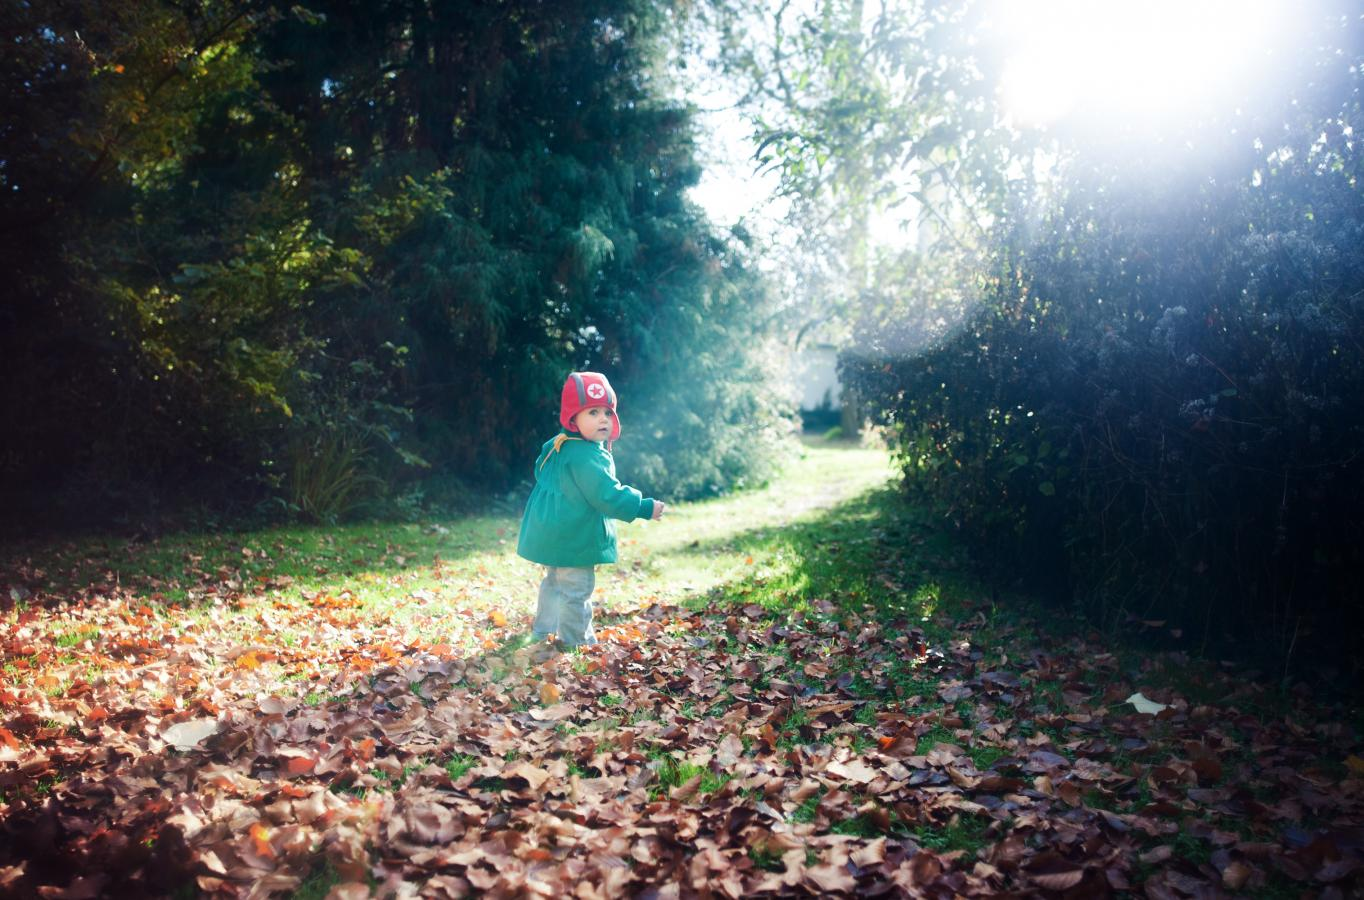 sunny-autumn-days-2-haasdonk-2012